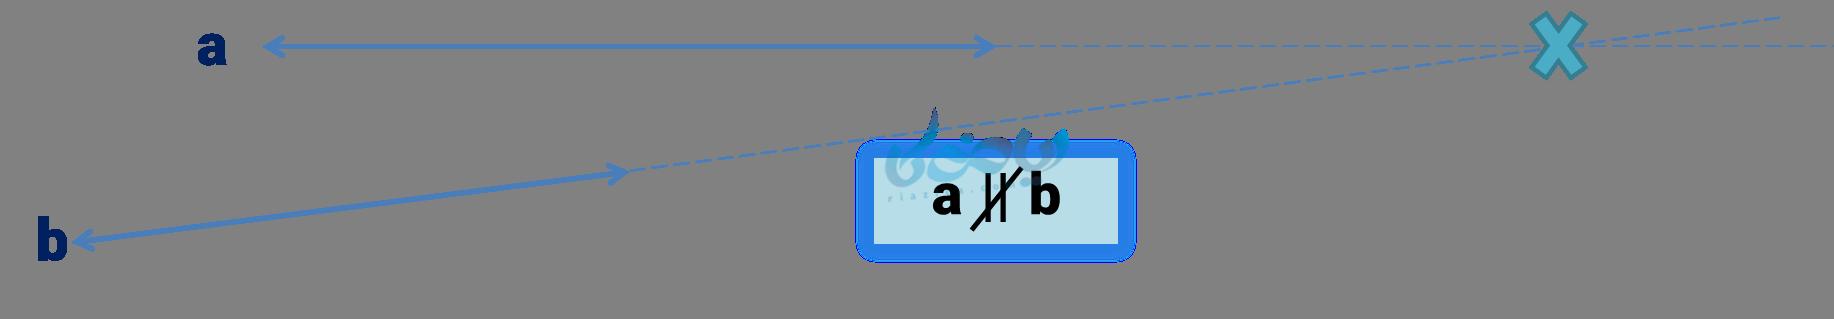 تعریف دو خط متقاطع